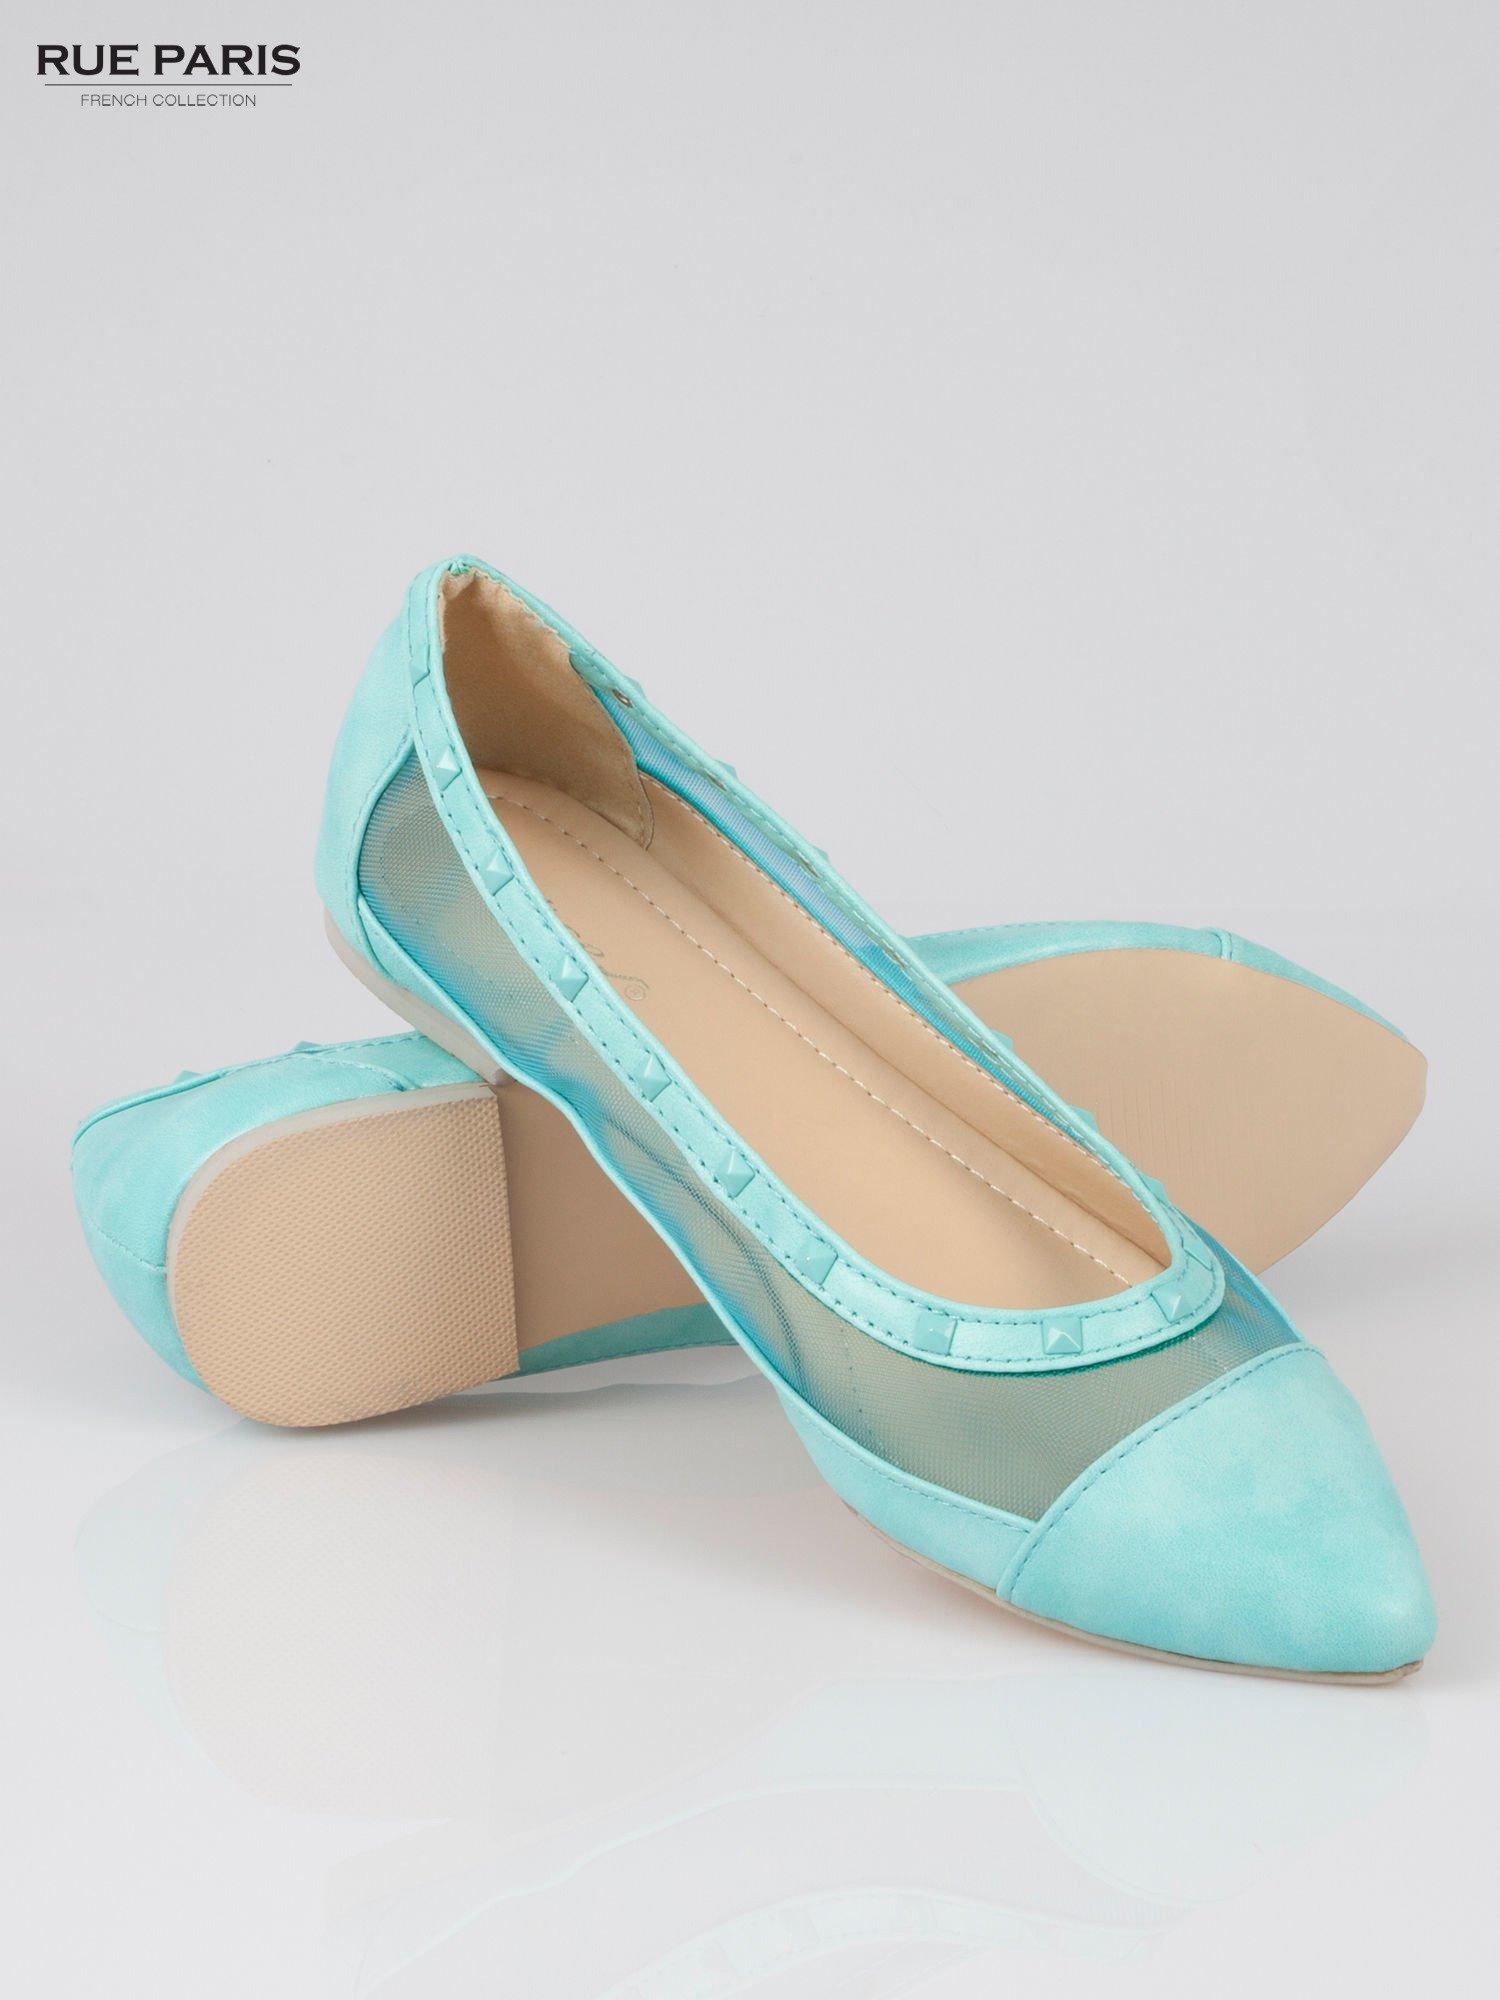 Niebieskie baleriny Crystal leather z siateczką i ćwiekami                                  zdj.                                  4